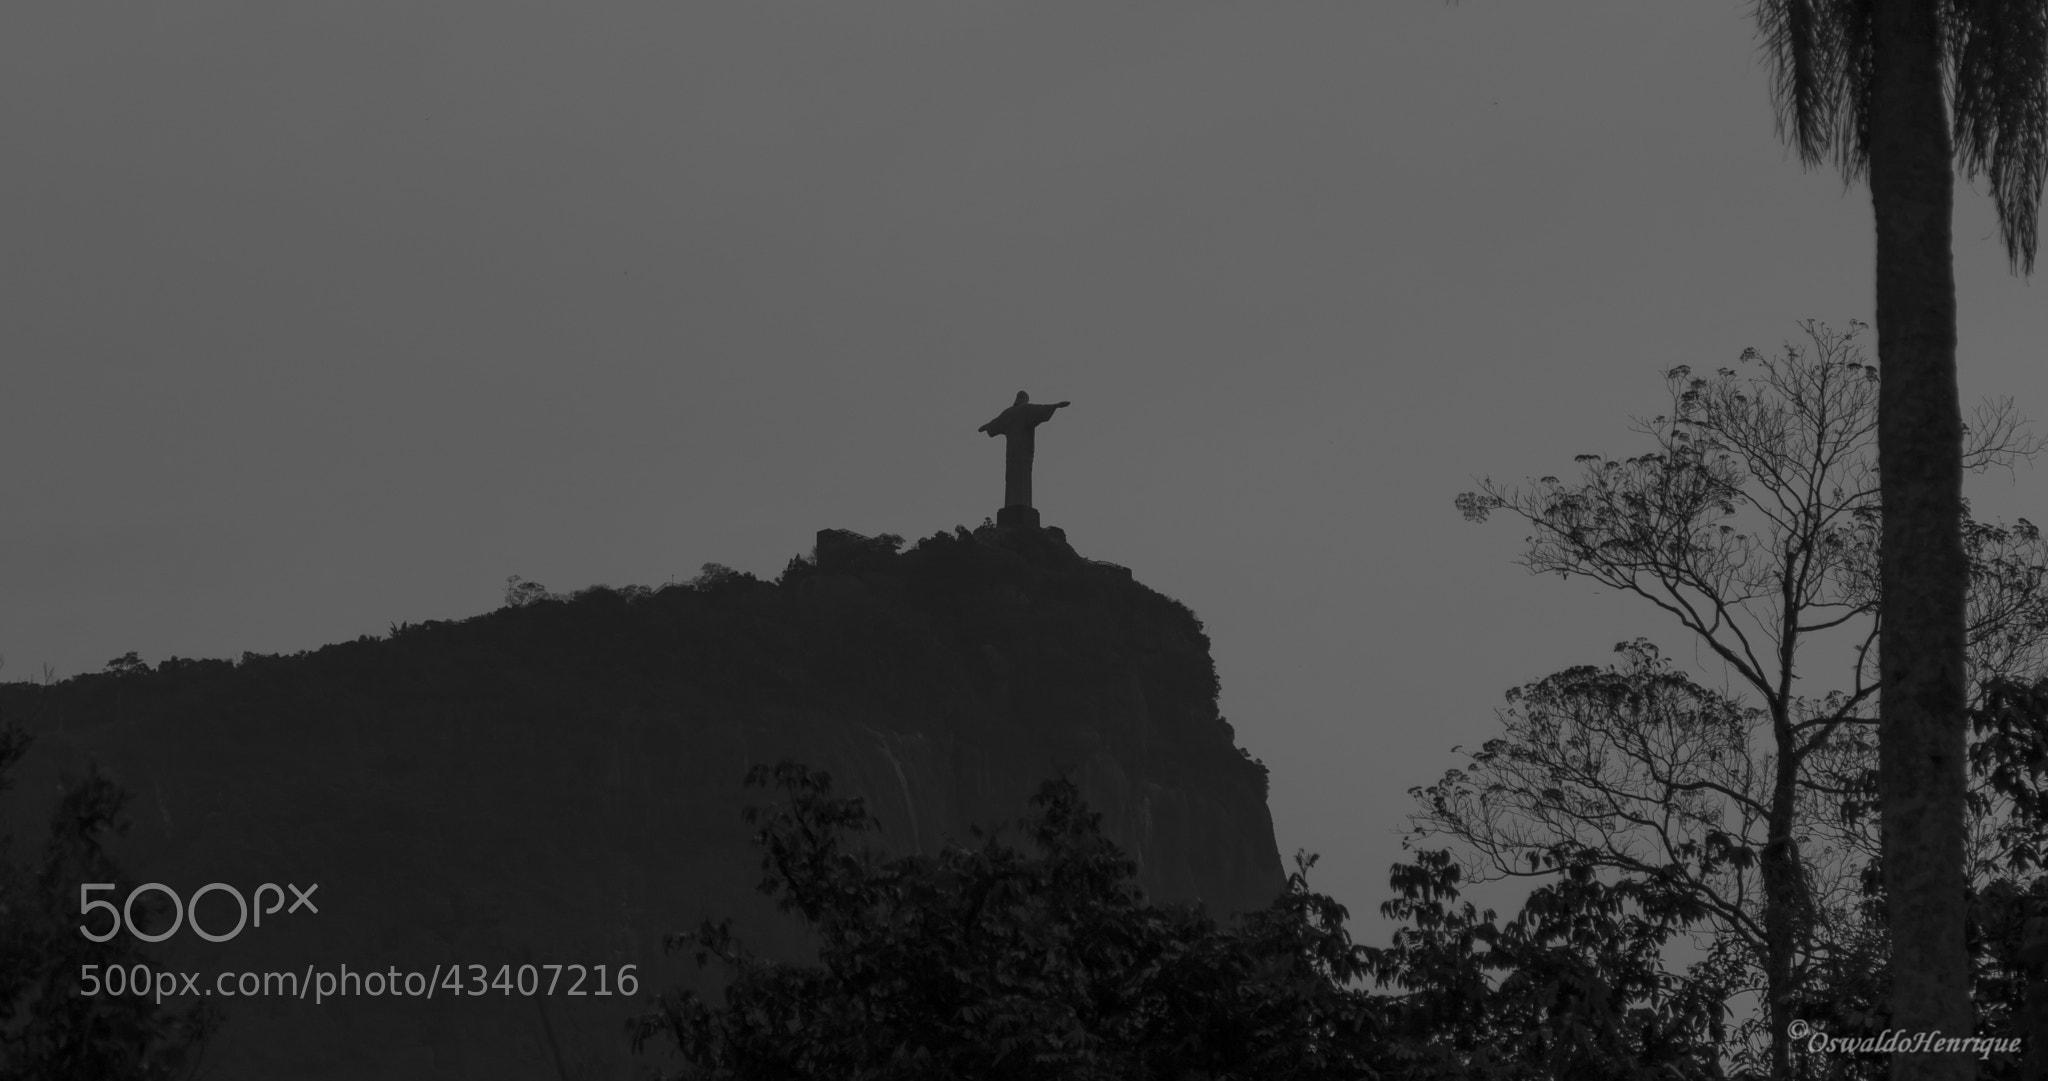 Photograph Uma vista comum by Oswaldo Henrique on 500px